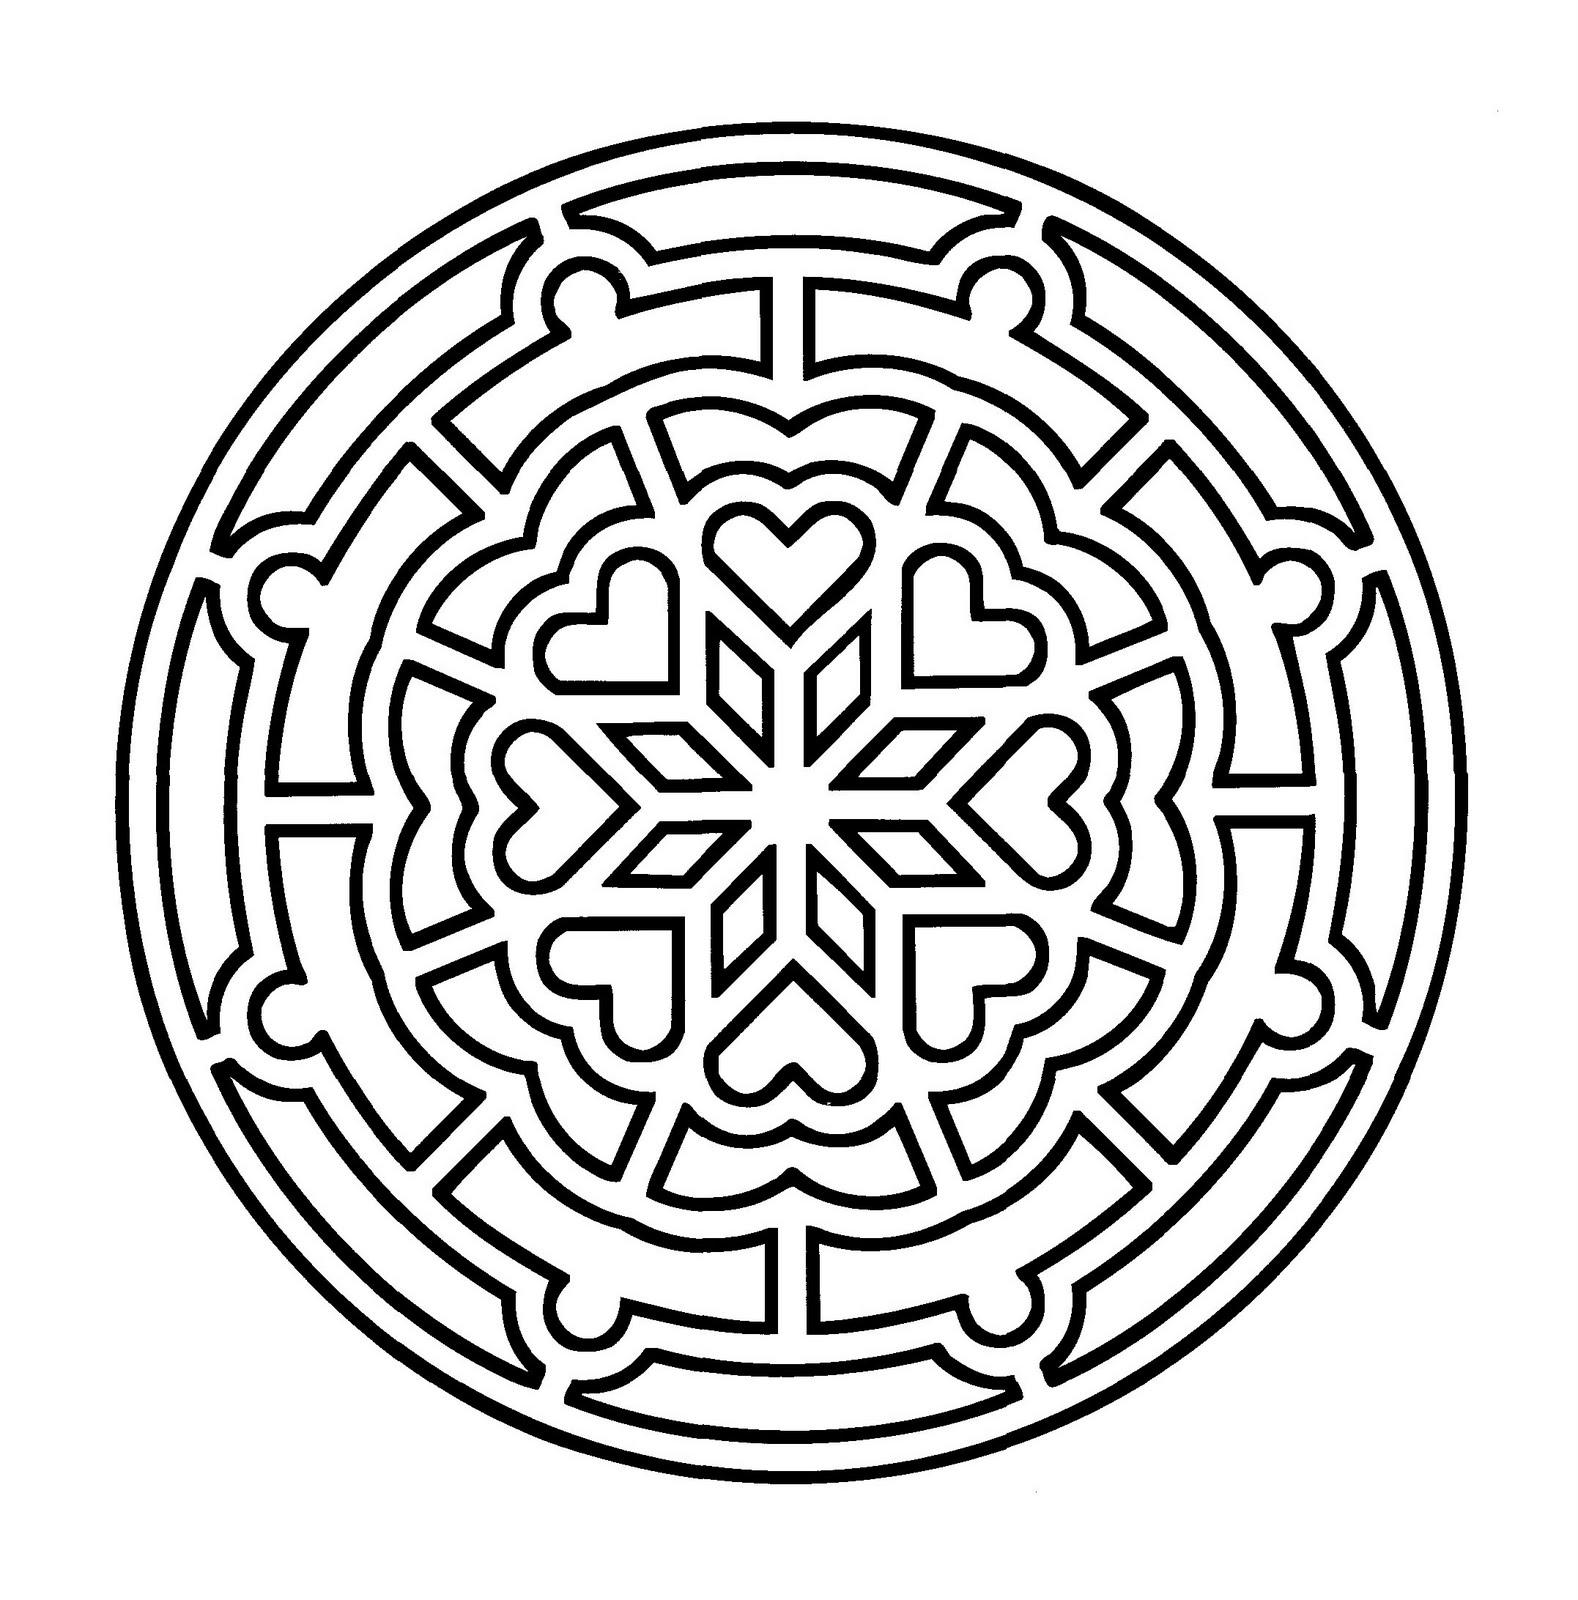 Mandala a imprimer 5 - Coloriage Mandalas - Coloriages ...